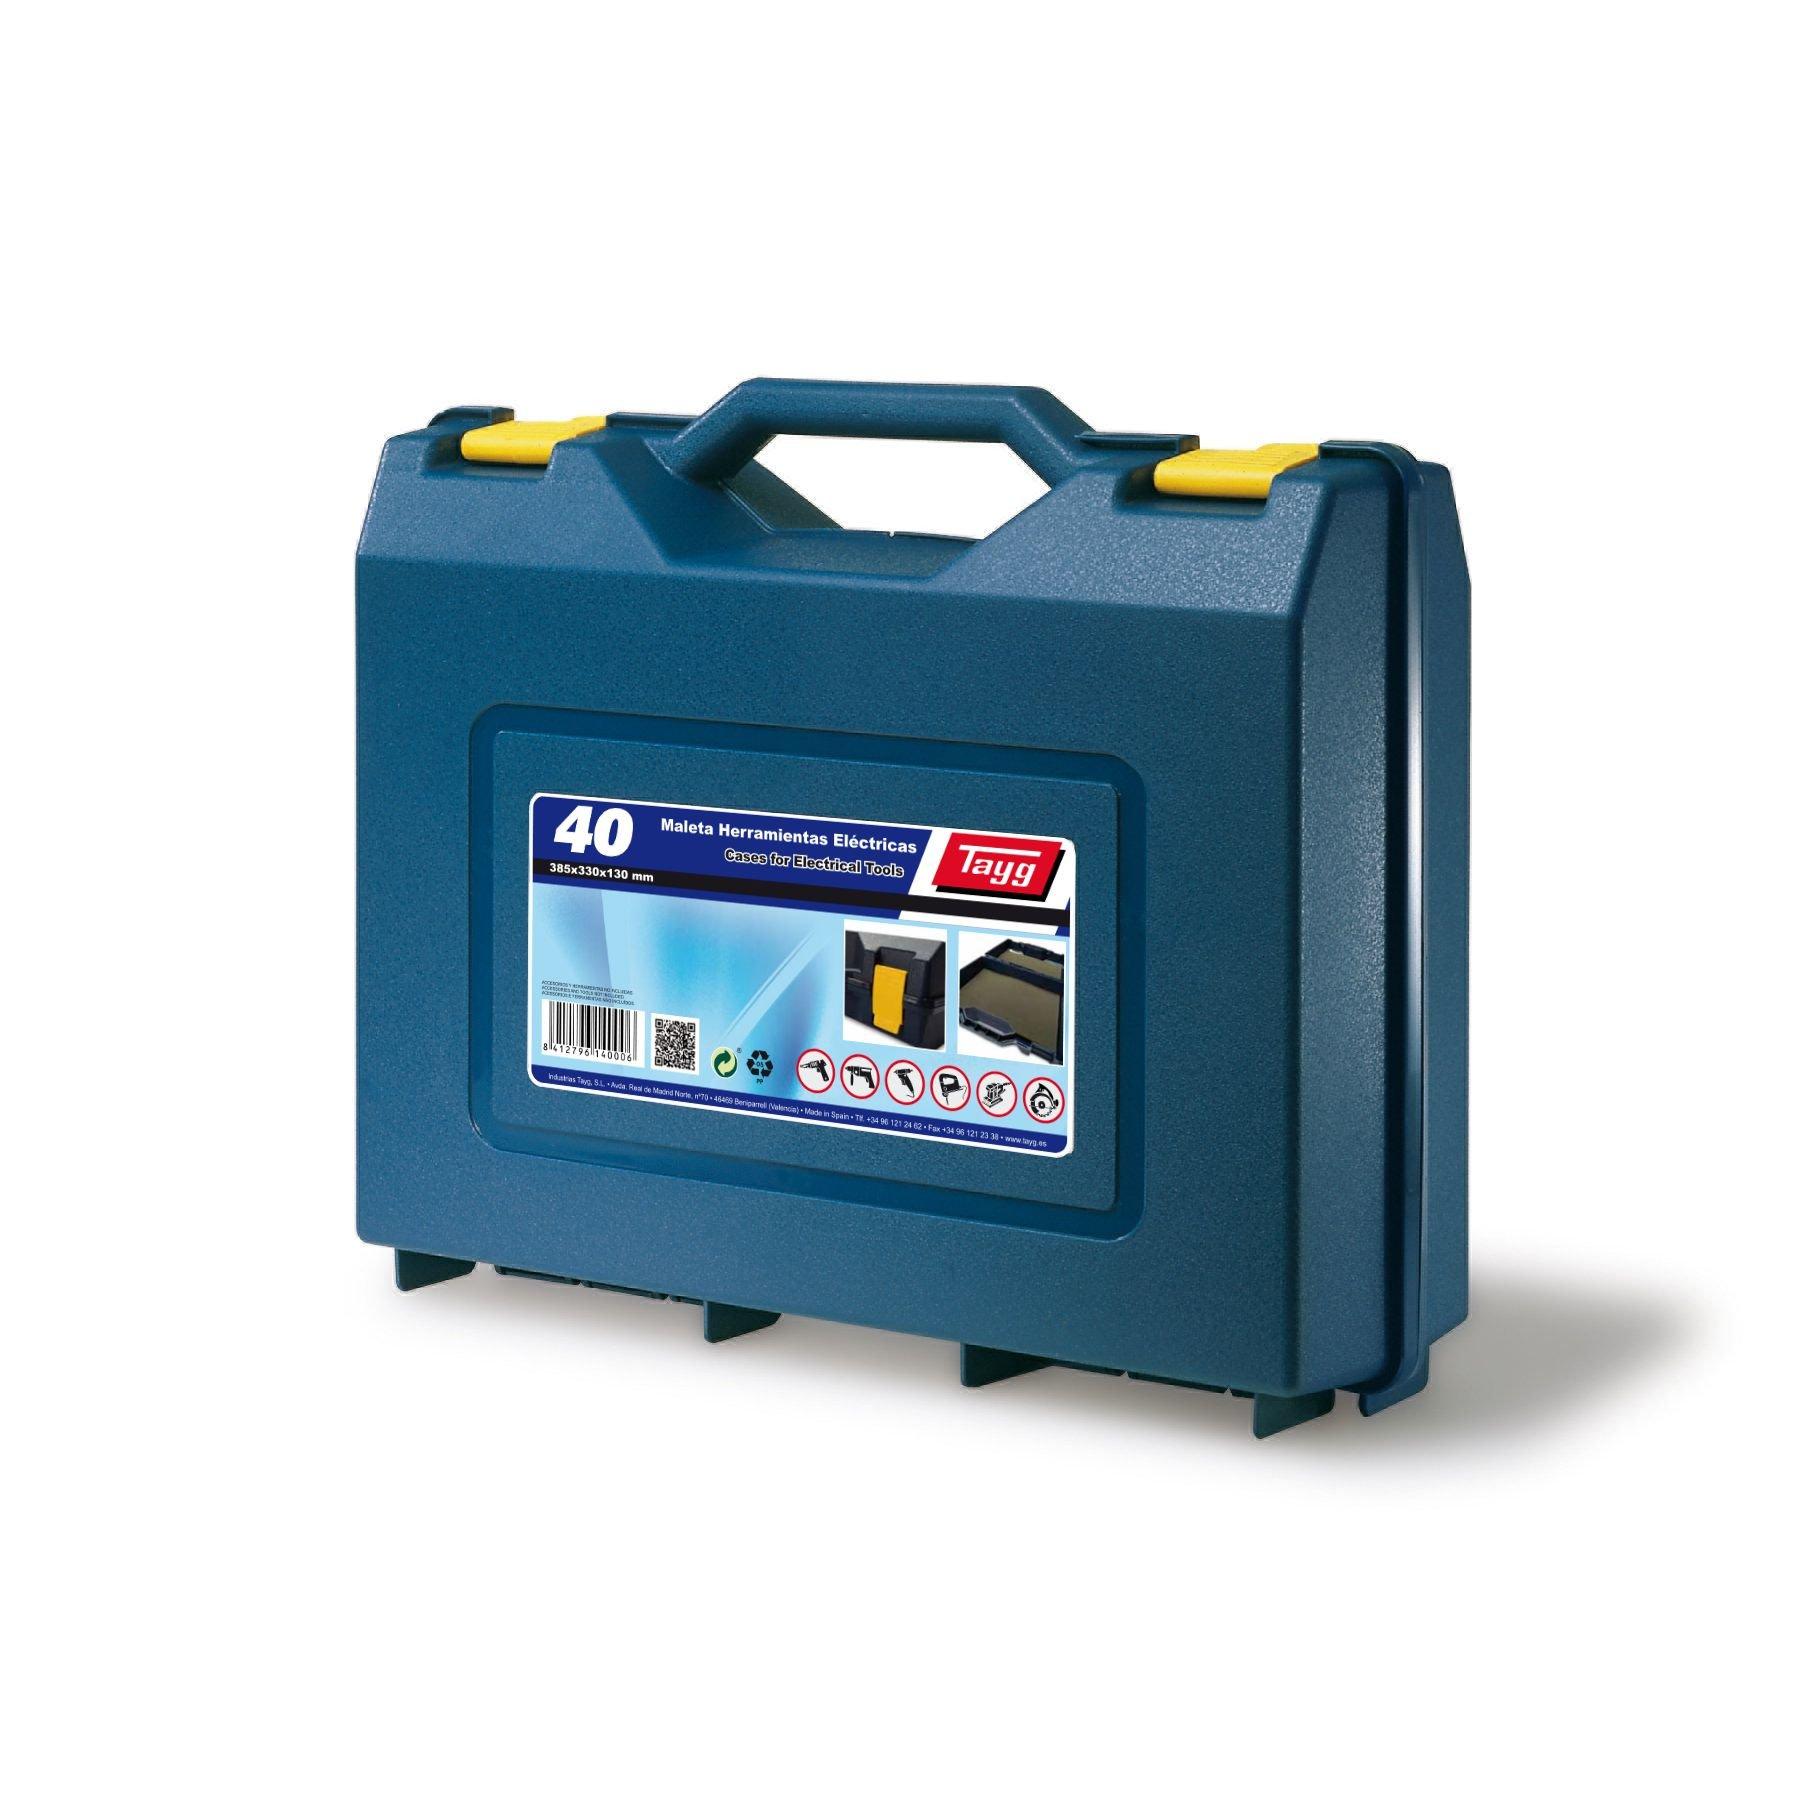 Tayg - Maleta herramientas eléctricas nº 40 product image